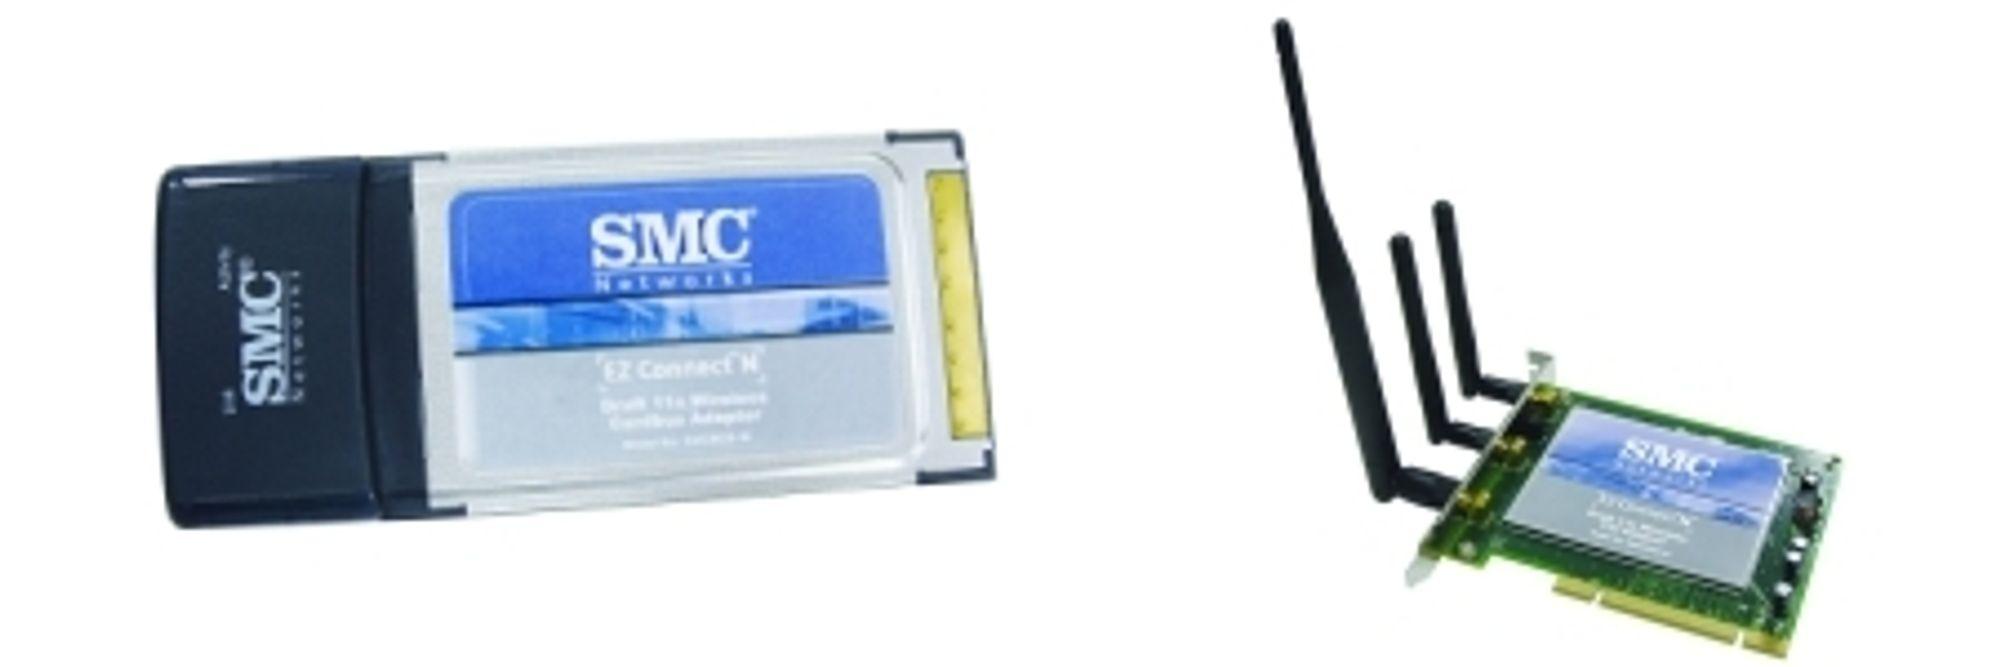 SMCWPCI-N (t.v.) og SMCWCB-N